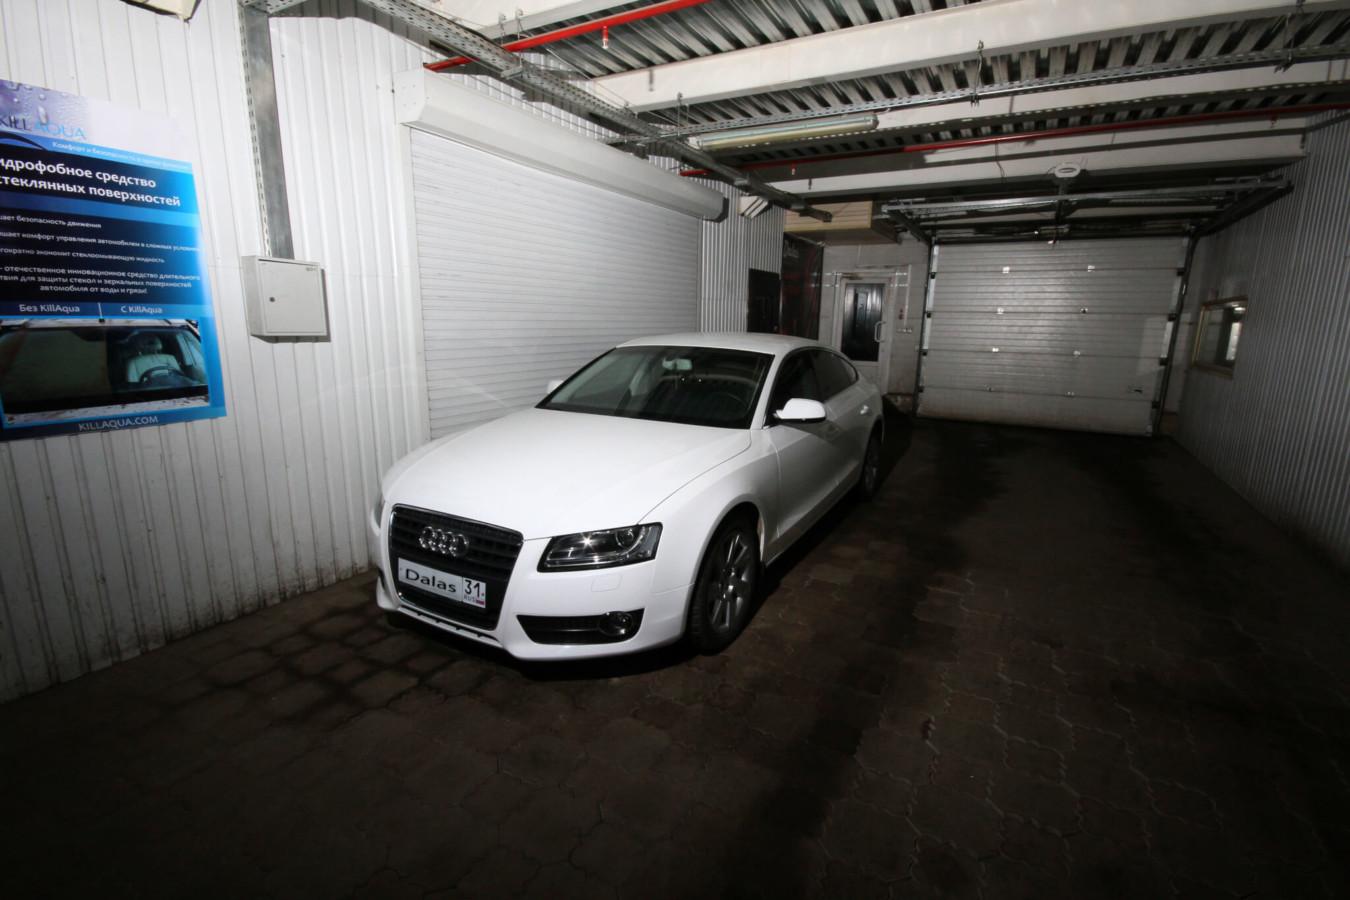 Audi A5. Remake for car salon